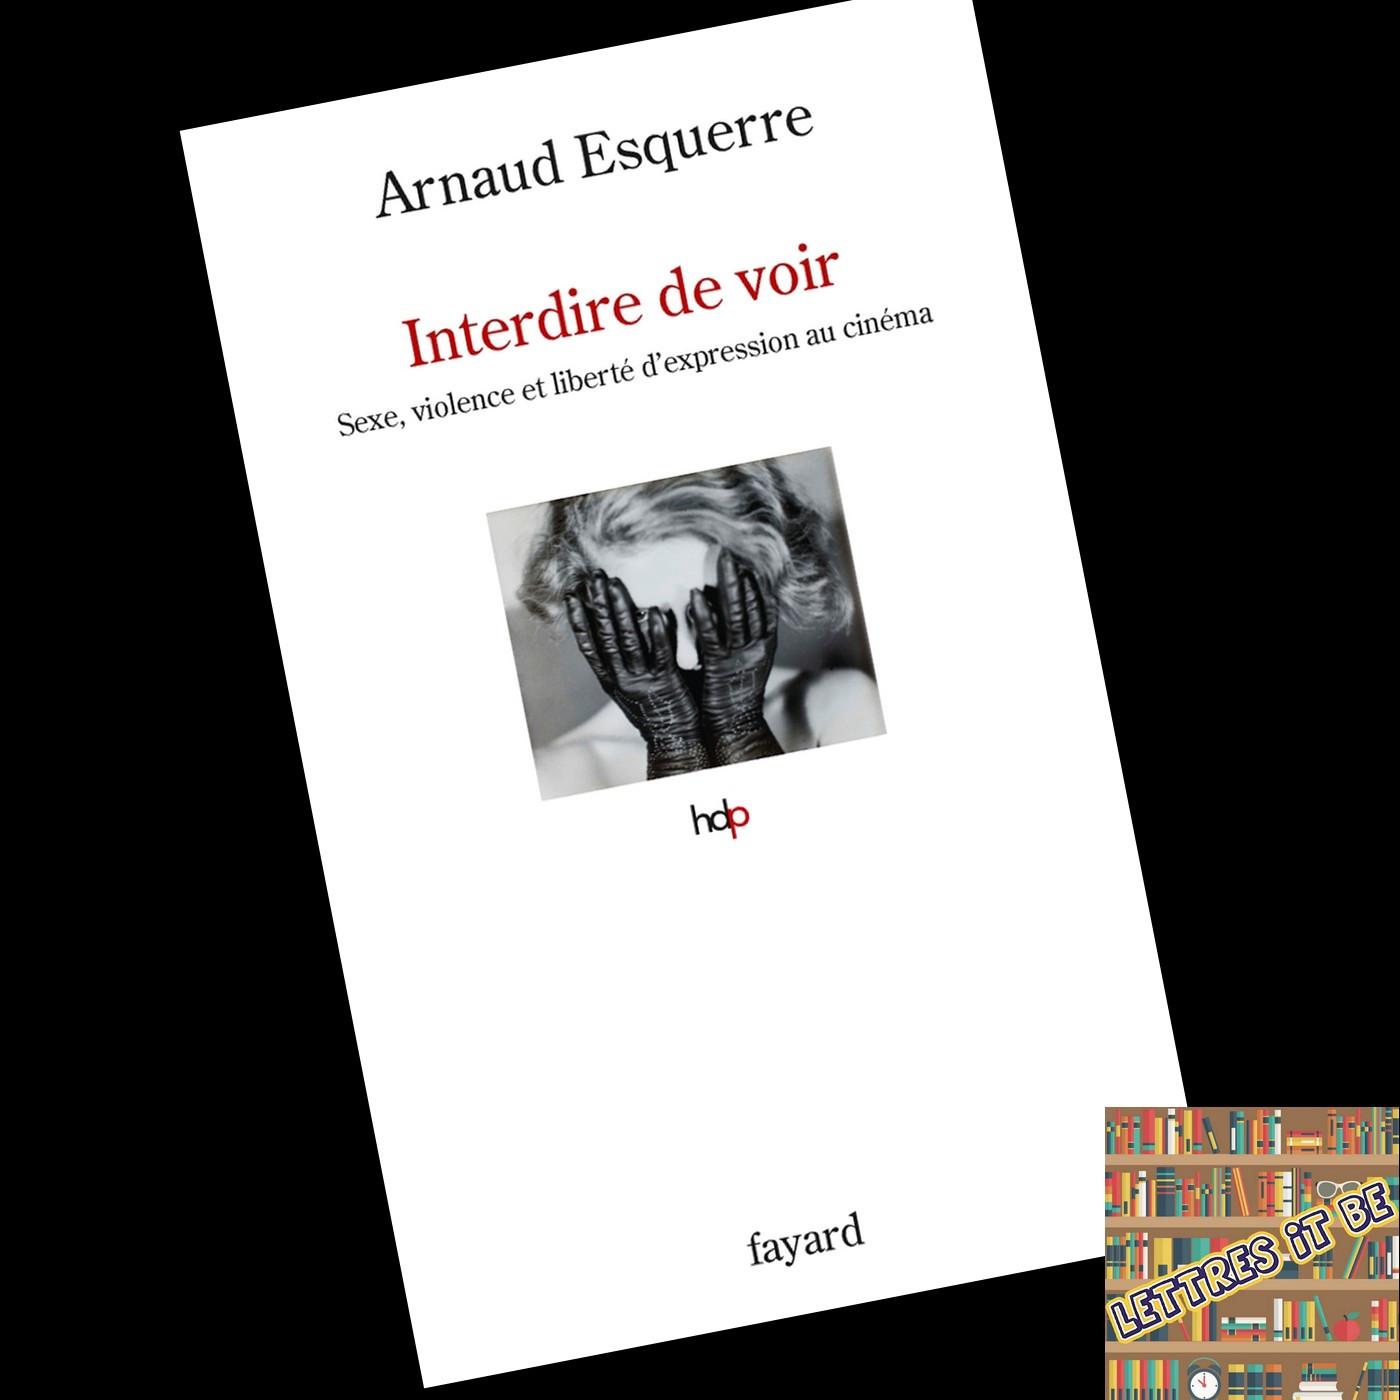 Critique d'Interdire de voir : sexe, violence et liberté d'expression d'Arnaud Esquerre (Livre)